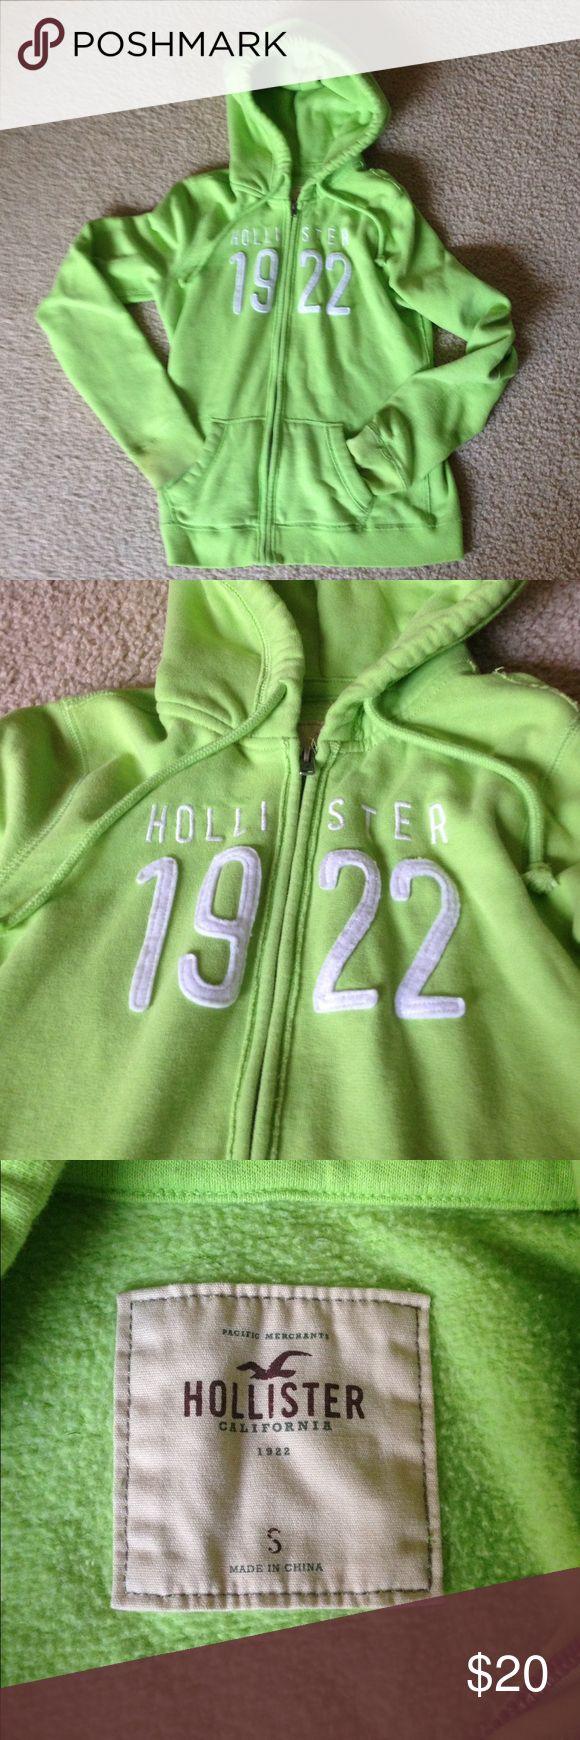 Hollister zip up hoodie size Small Excellent condition lighter green zip up hoodie by Hollister Hollister Tops Sweatshirts & Hoodies